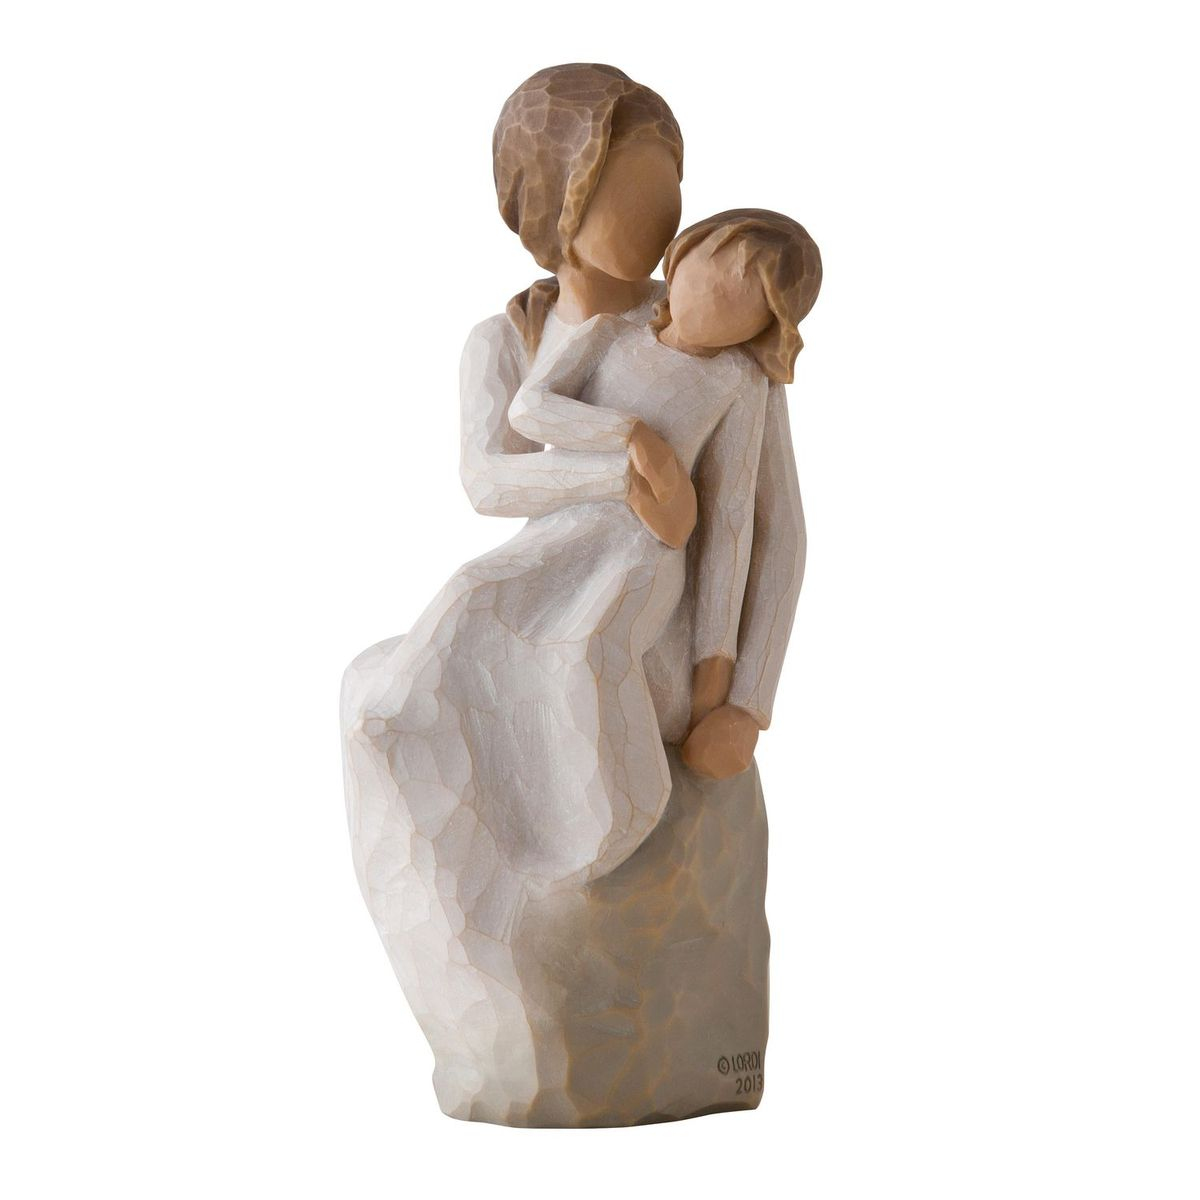 Фигурка декоративная Willow Tree Мама и дочка, высота 16 см26218Декоративная фигурка Willow Tree создана канадским скульптором Сьюзан Лорди. Фигурка выполнена из искусственного камня (49% карбонат кальция мелкозернистой разновидности, 51% искусственный камень).Фигурка Willow Tree – это настоящее произведение искусства, образная скульптура в миниатюре, изображающая эмоции и чувства, которые помогают чувствовать себя ближе к другим, верить в мечту, выражать любовь.Фигурка помещена в красивую упаковку.Купить такой оригинальный подарок, значит не только украсить интерьер помещения или жилой комнаты, но выразить свое глубокое отношение к любимому человеку. Этот прекрасный сувенир будет лучшим подарком на день ангела, именины, день рождения, юбилей.